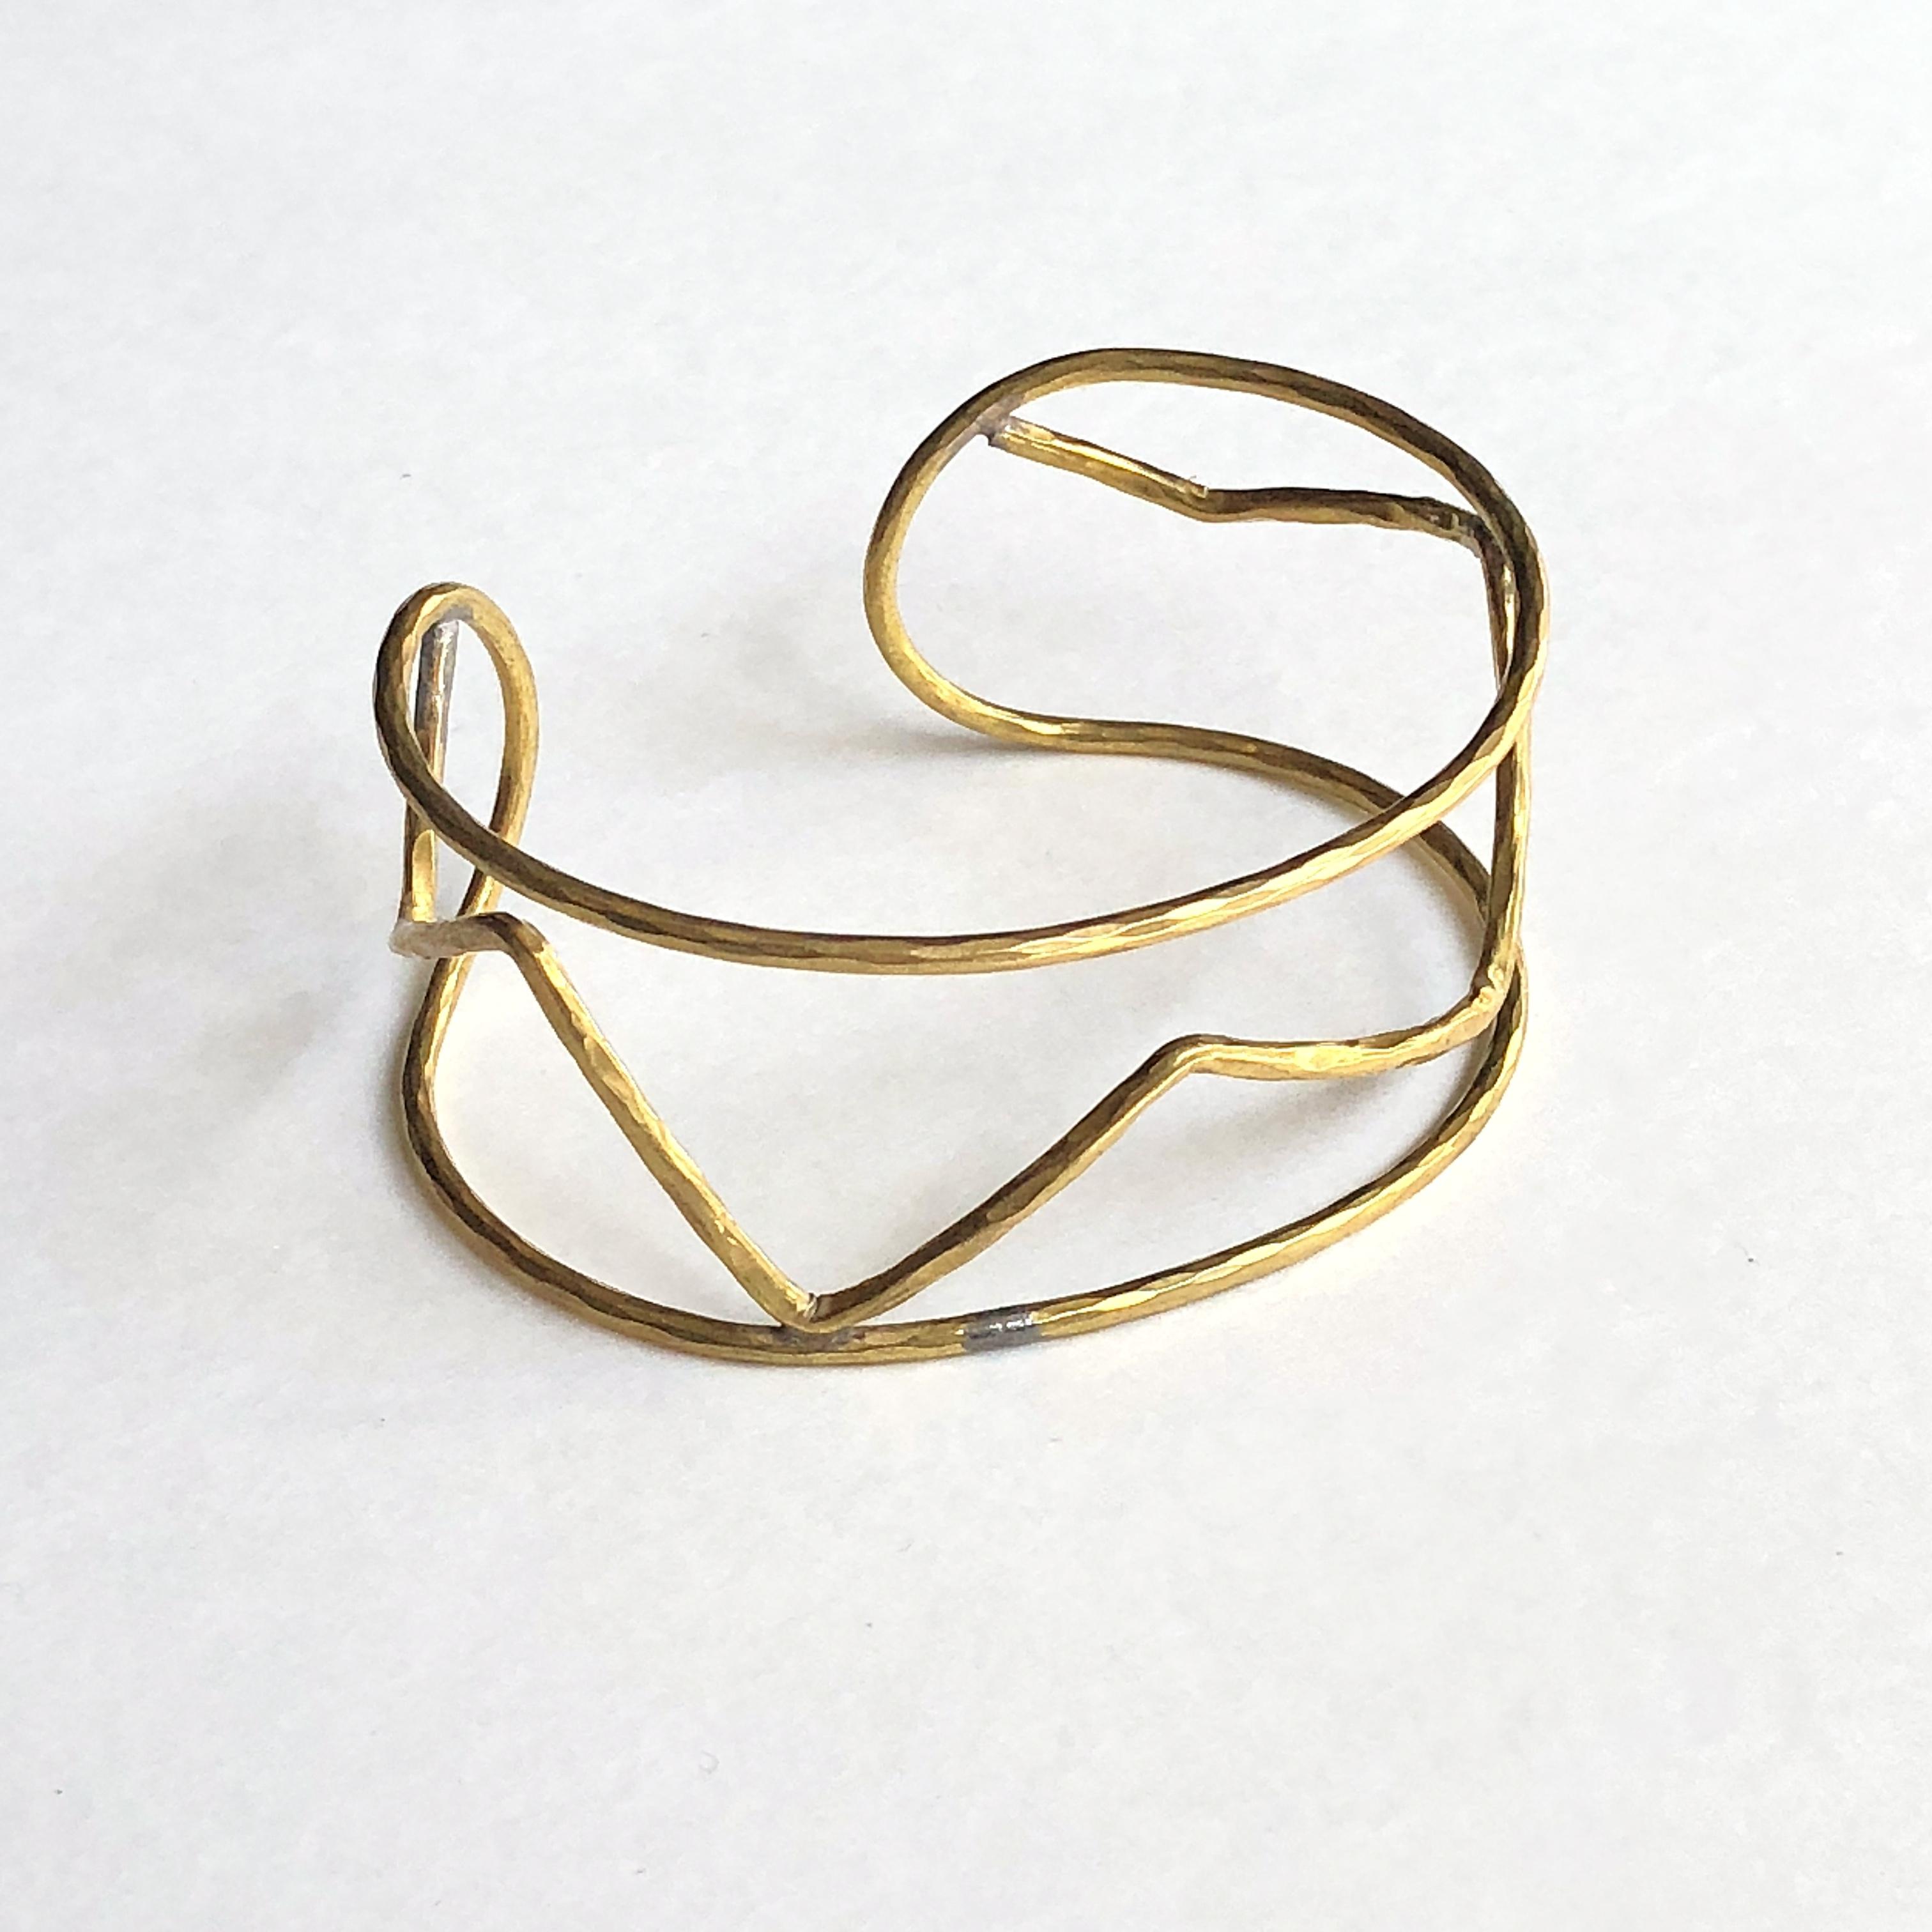 Zigzag wire bracelet No. 801